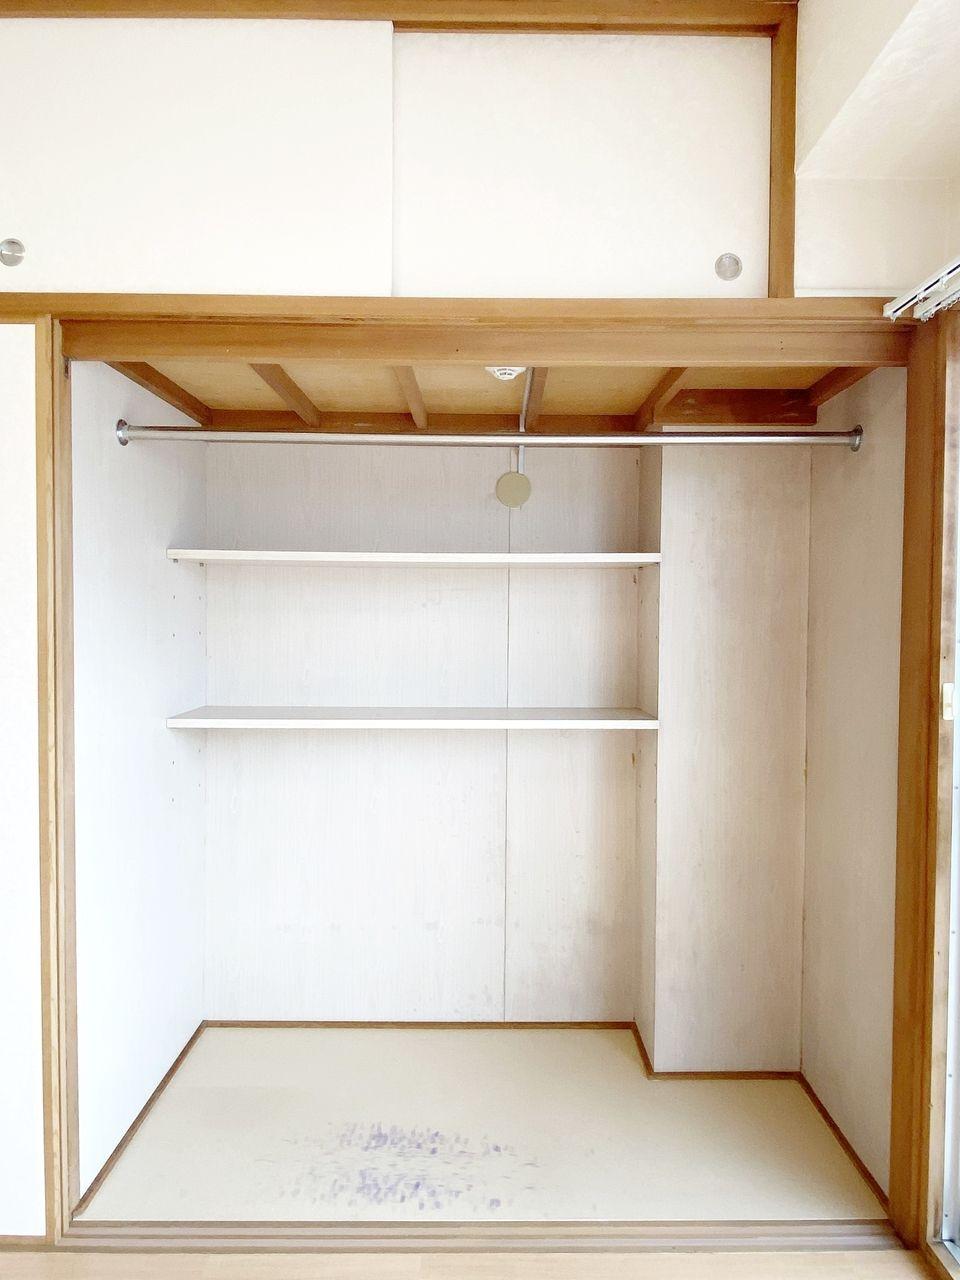 1畳分のクローゼットです。押入れを改造したので奥行きがあり、奥に収納棚があります